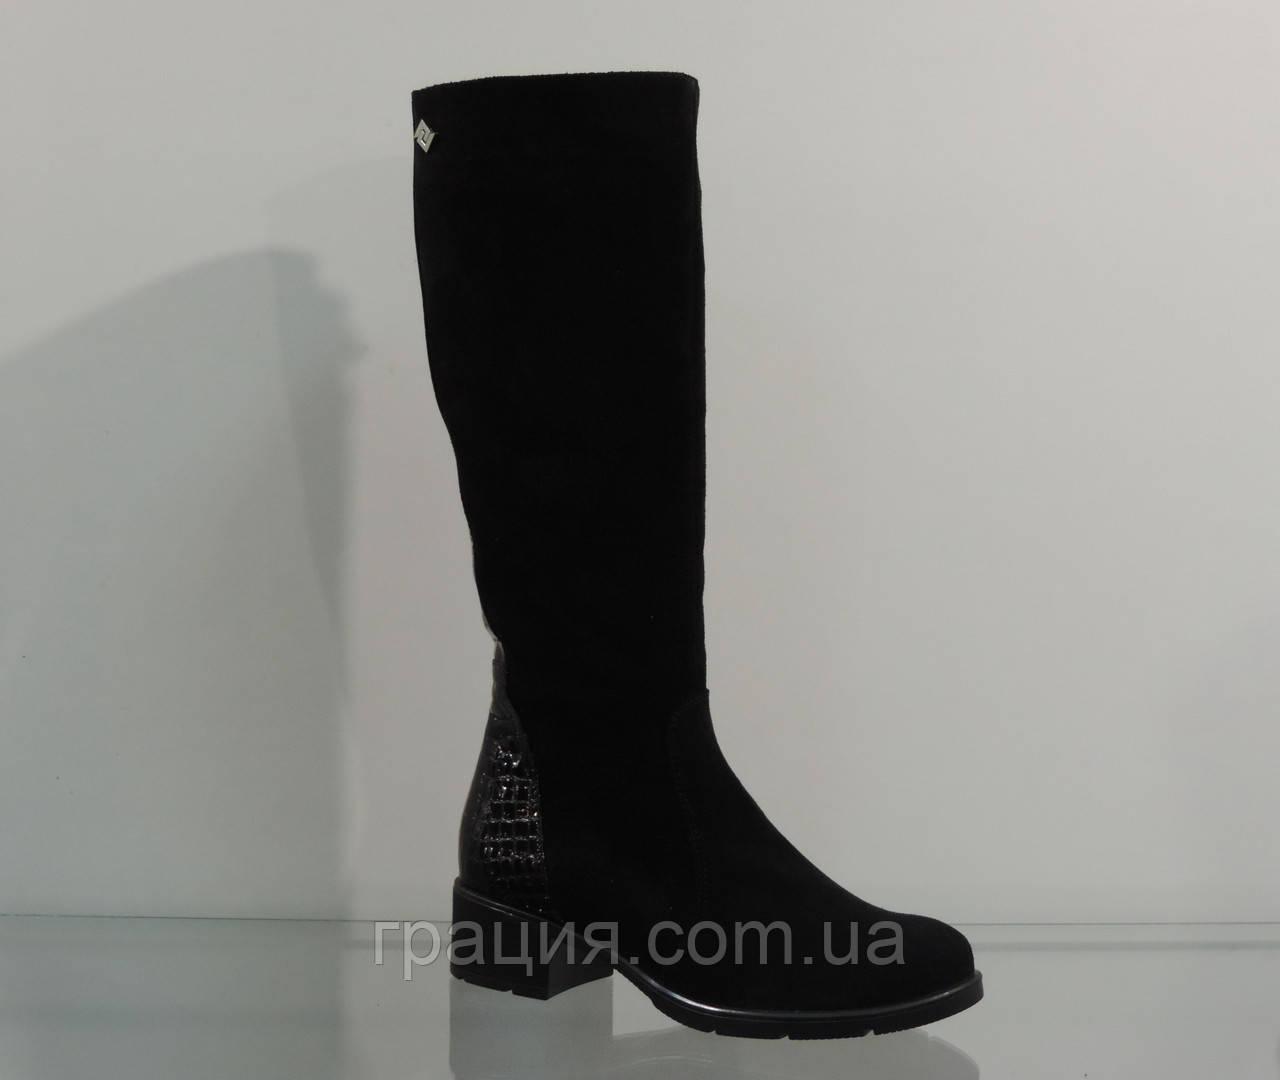 Модные замшевые зимние сапожки на маленьком каблуке